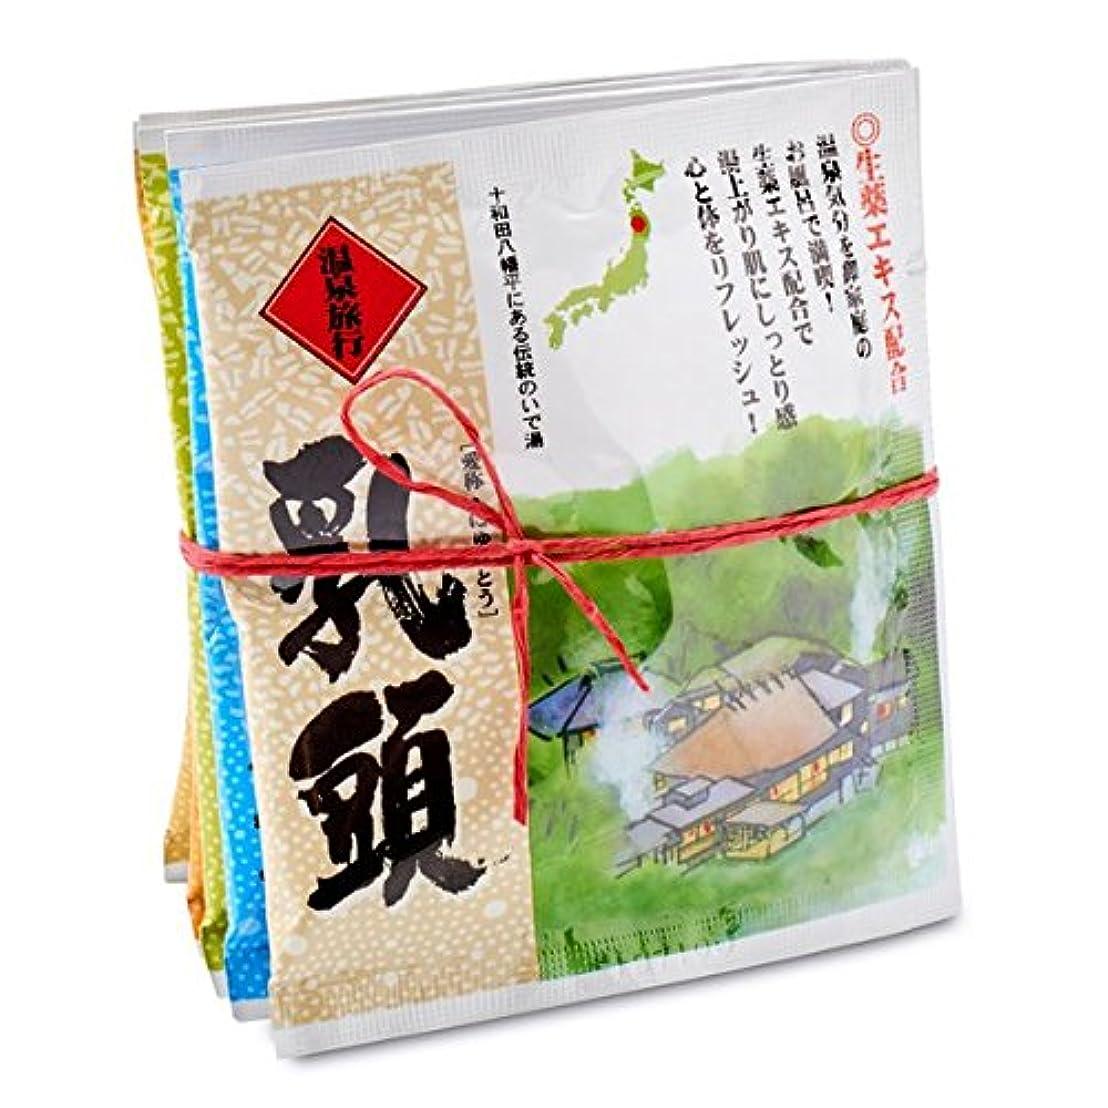 ラベルポゴスティックジャンプ豊富に五洲薬品 温泉旅行 乳頭 25g 4987332128304